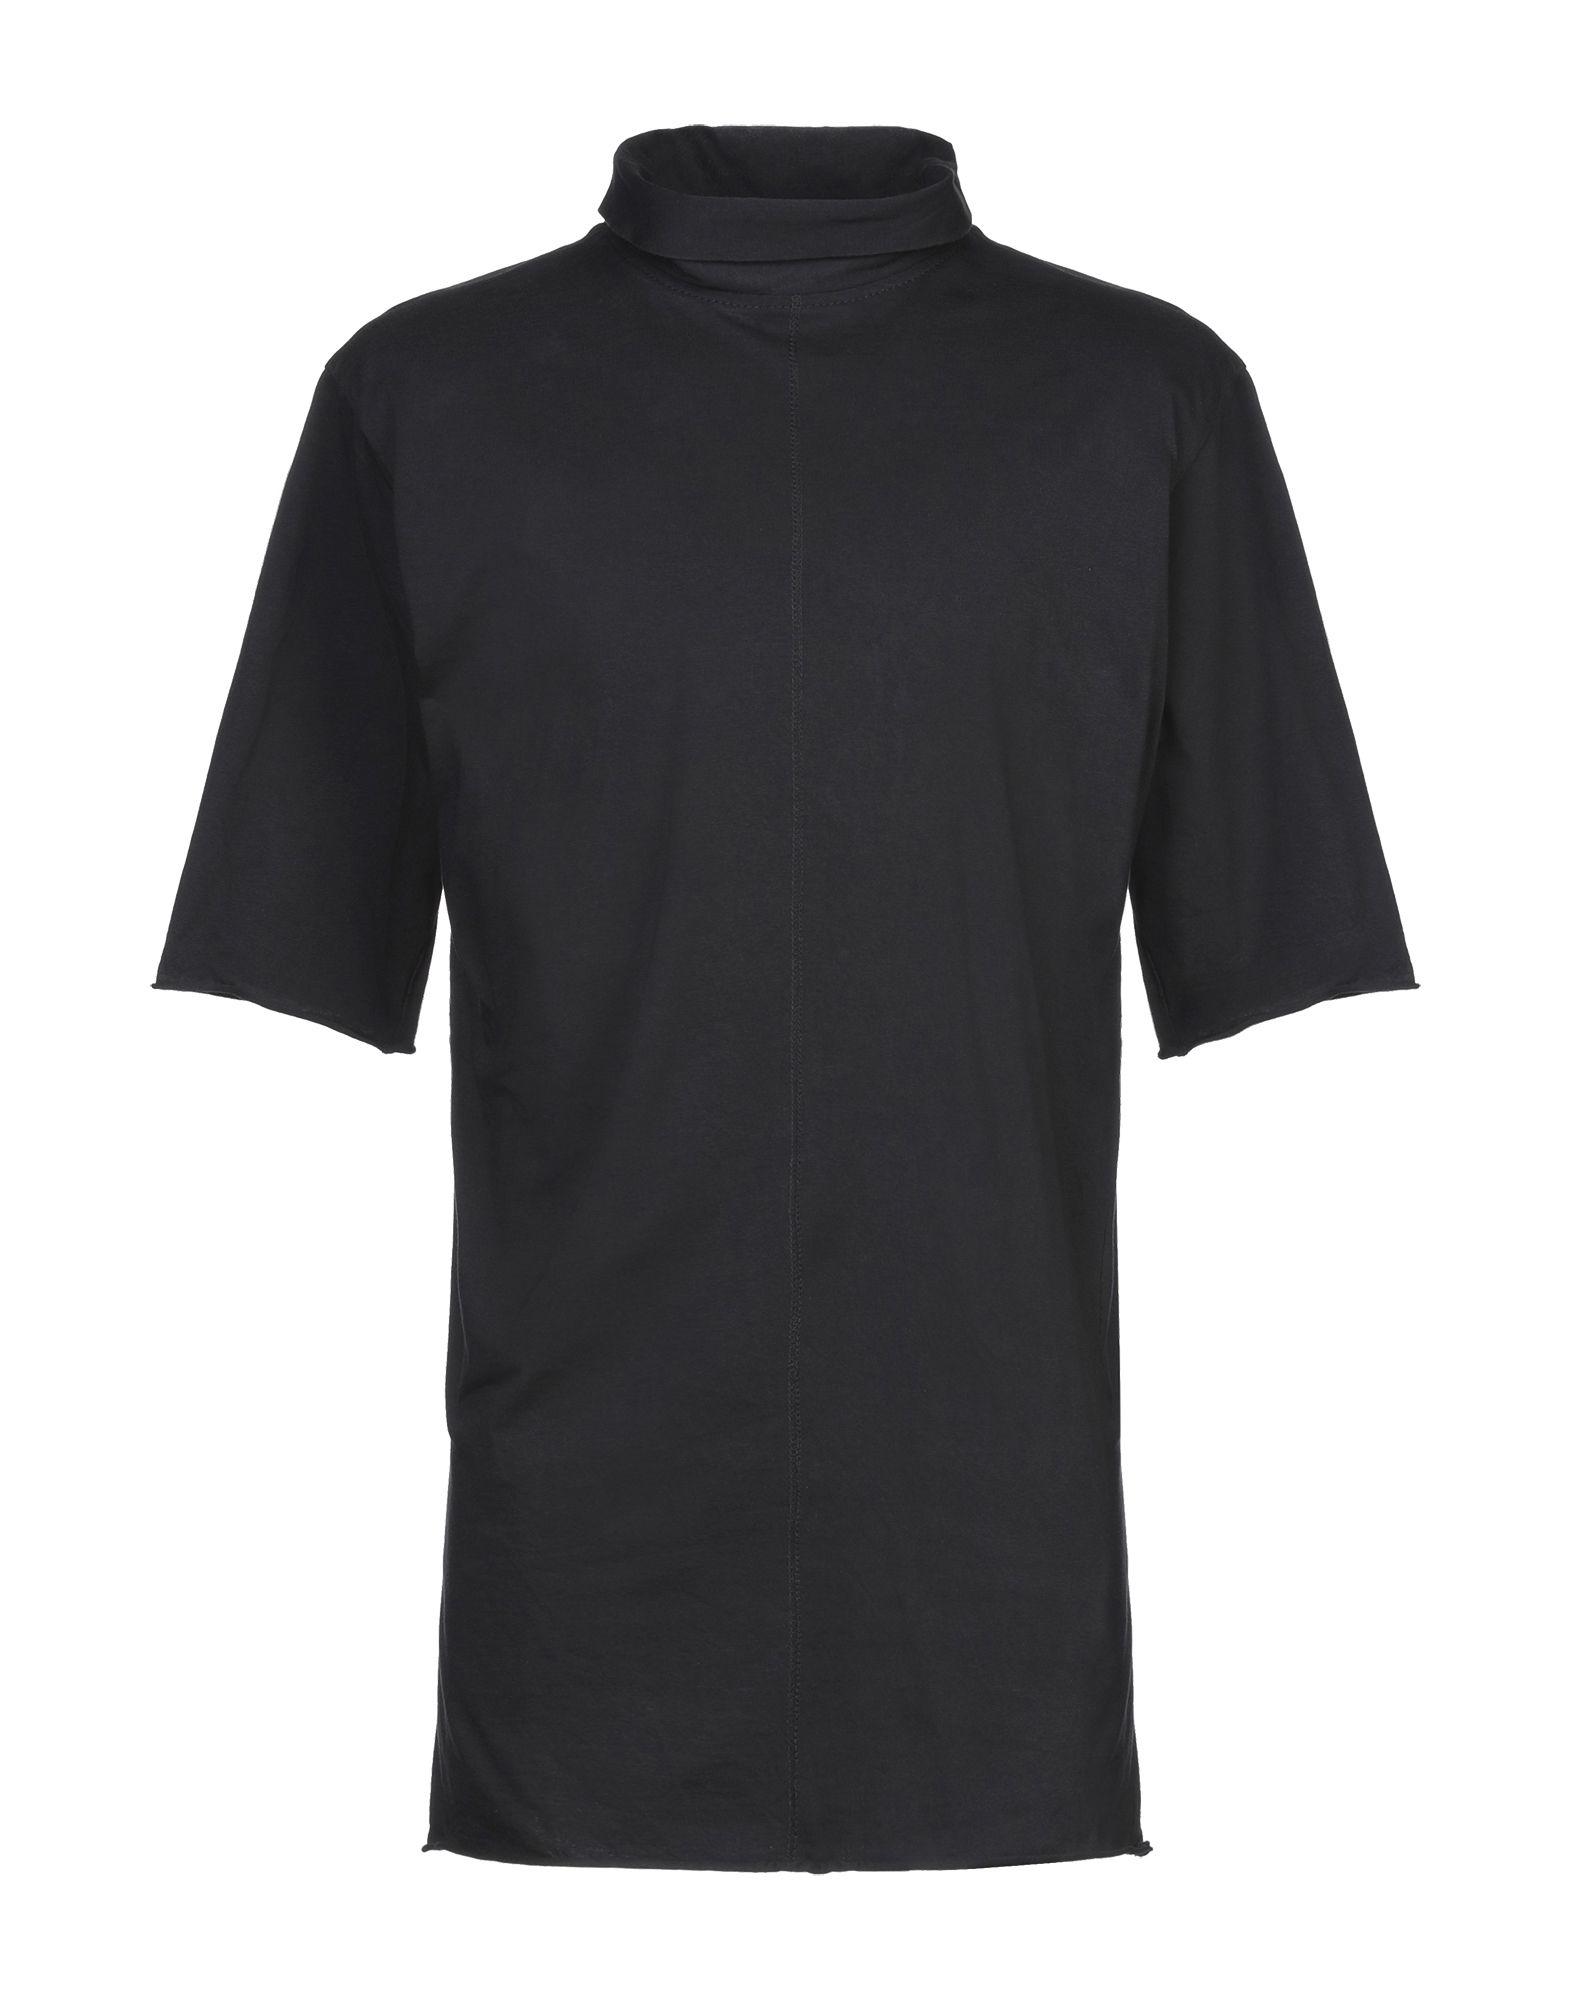 《セール開催中》DARK LABEL メンズ T シャツ ブラック S コットン 100%